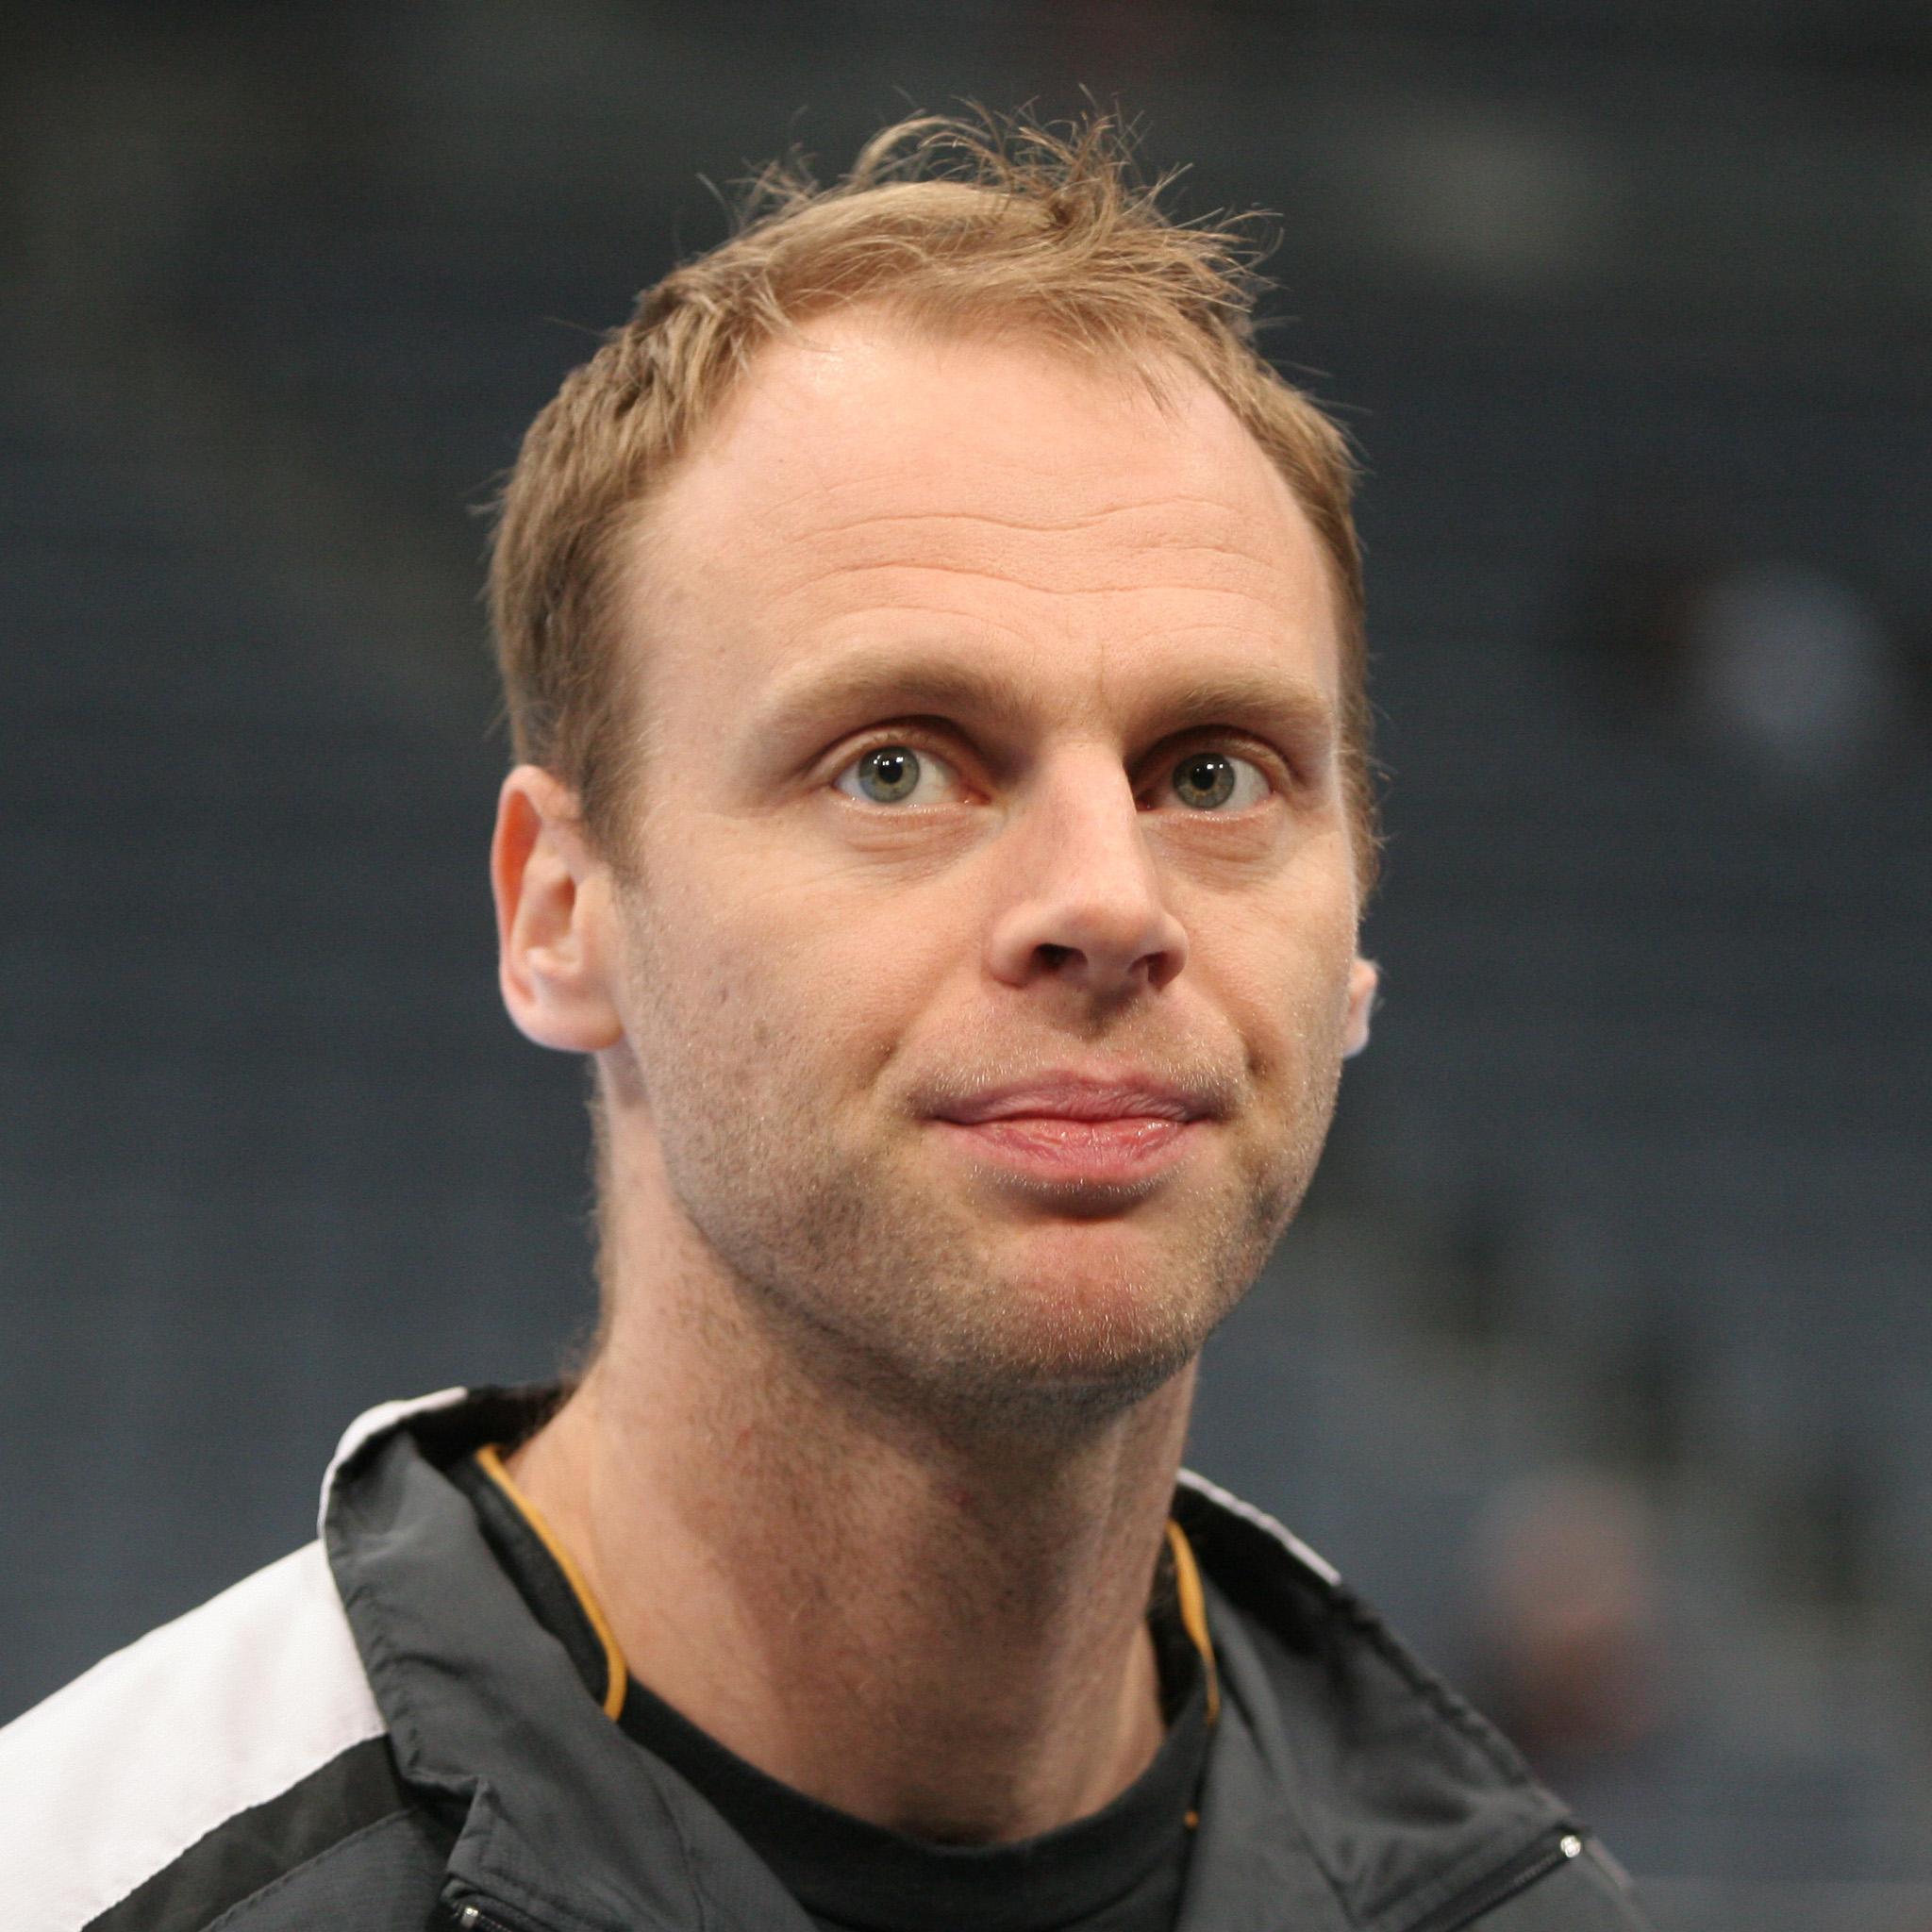 Ólafur Stefánsson, in Island fünffacher Sportler des Jahres[58] und Träger des isländischen Großritterkreuzes[59].